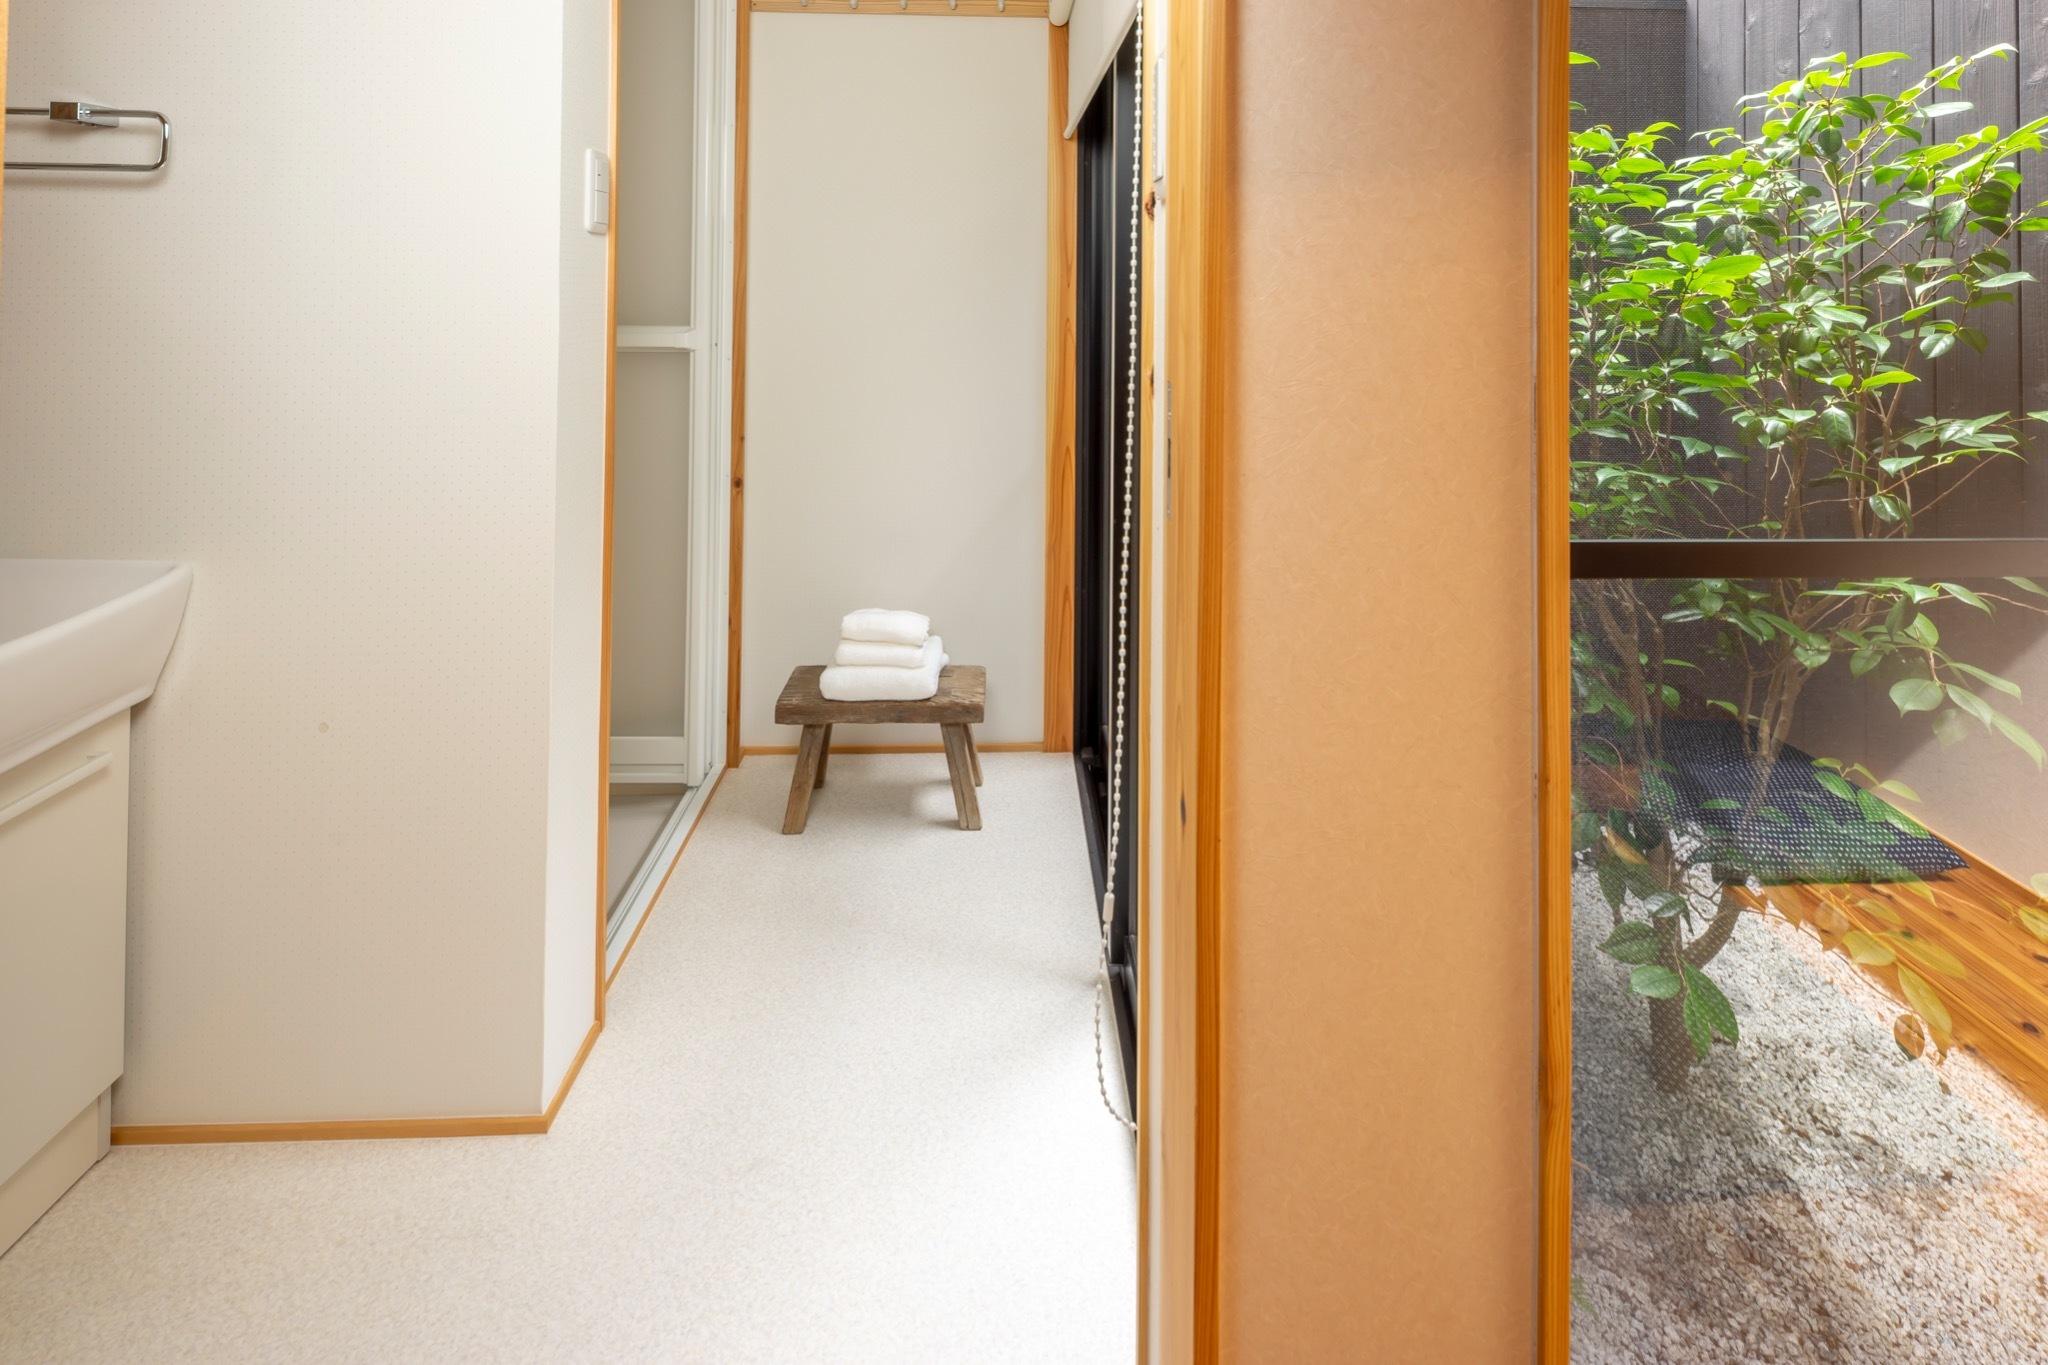 坪庭の脇に洗面とシャワーがあります